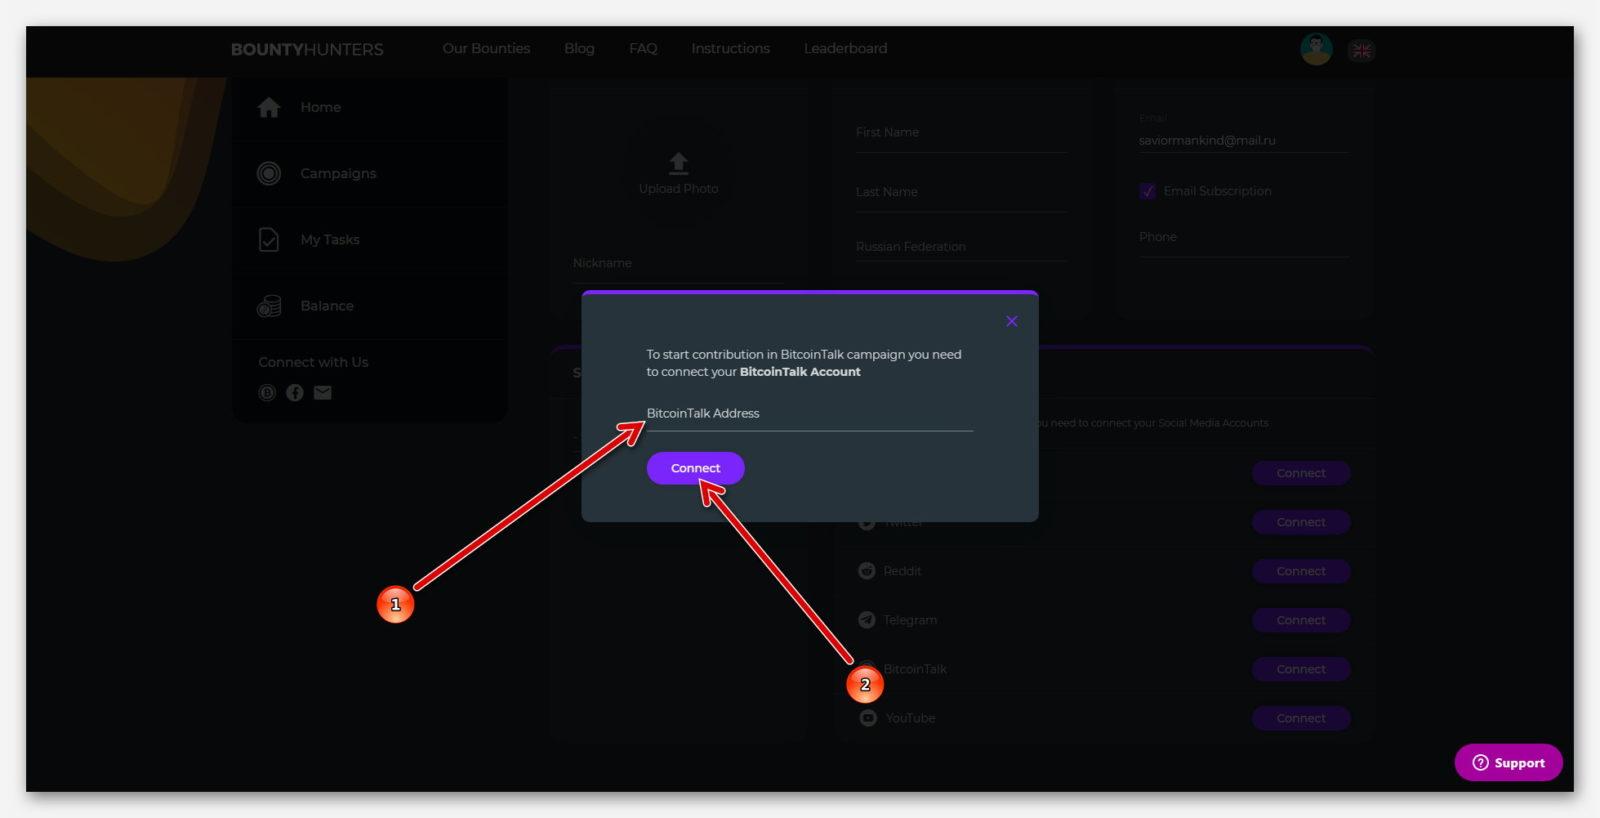 Форма для ссылки от профиля BitcoinTalk на платформе Bountyhunters